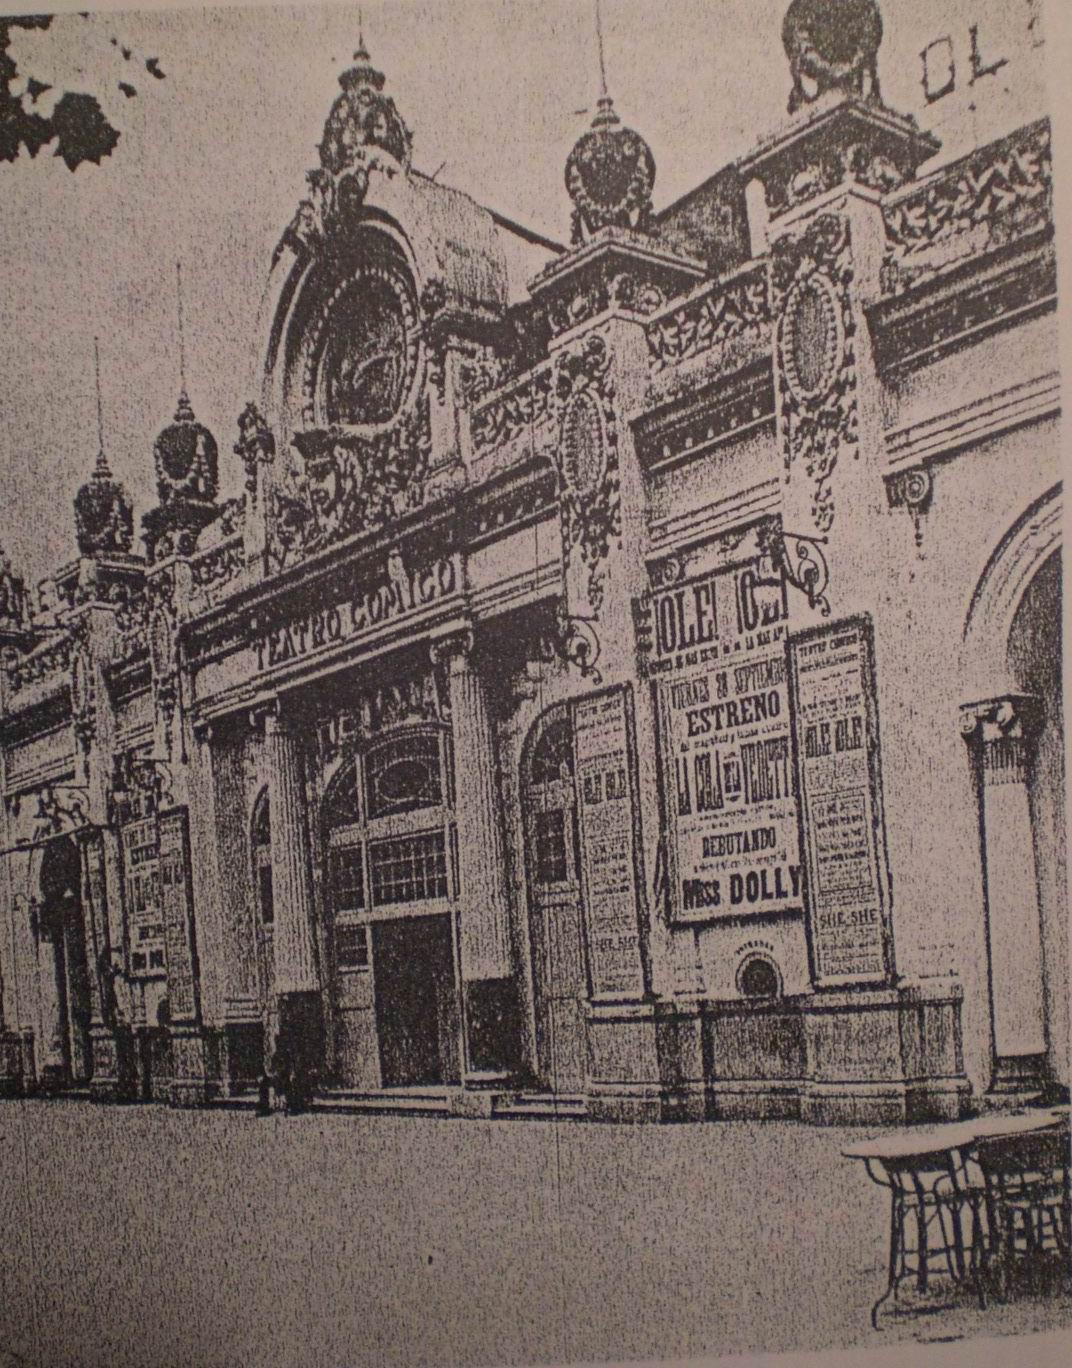 Teatre c mic viquip dia l 39 enciclop dia lliure - Calle manso barcelona ...